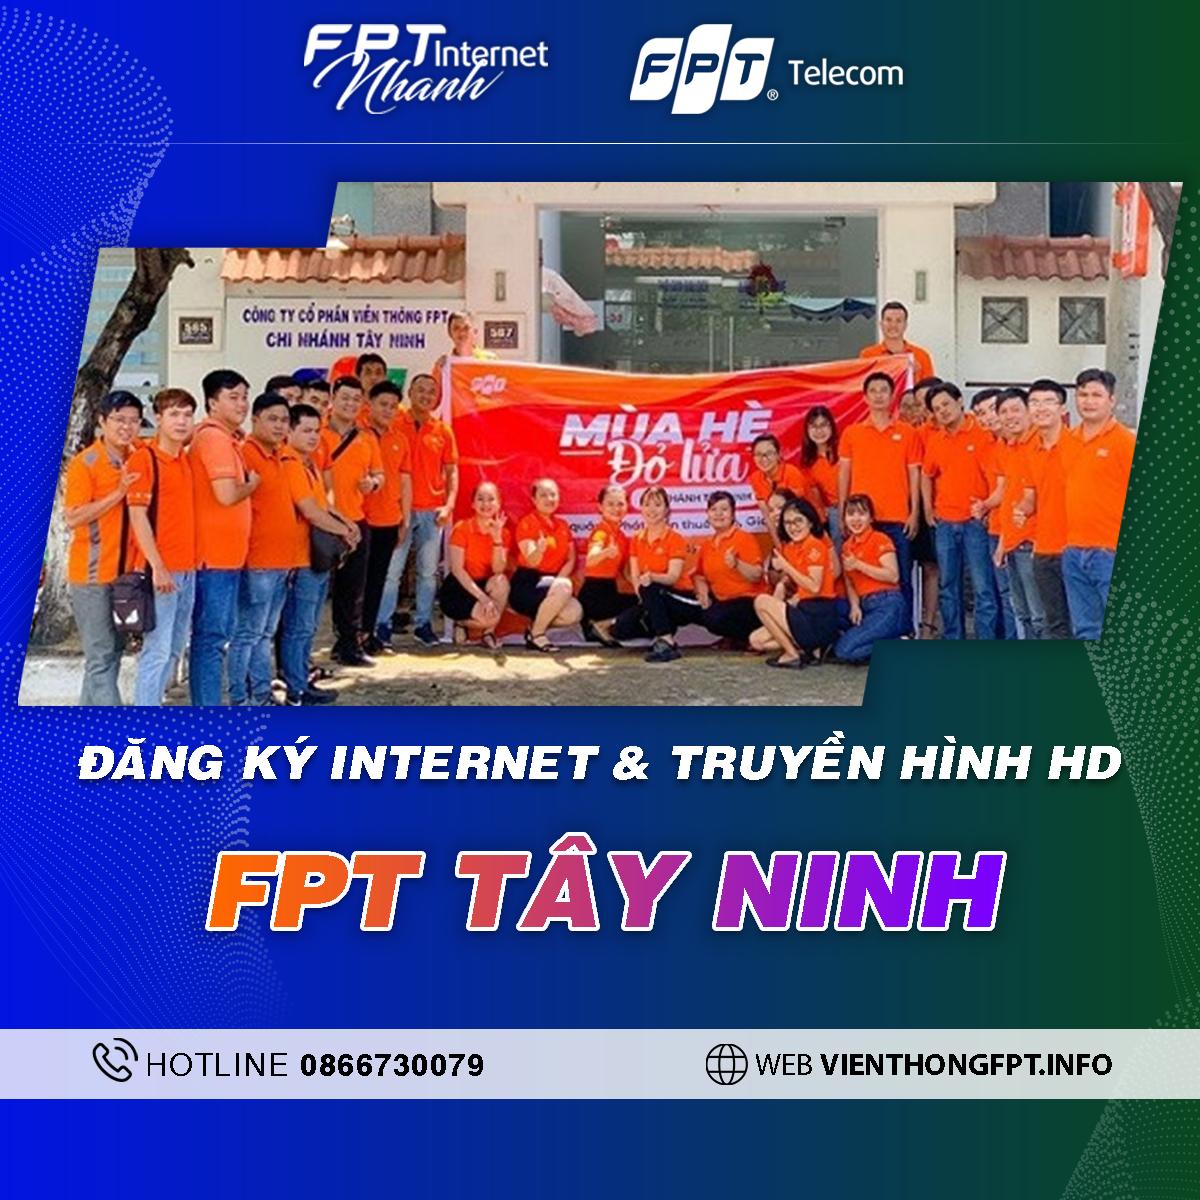 Chi nhánh FPT Tây Ninh - Tổng đài lắp Internet và Truyền hình FPT